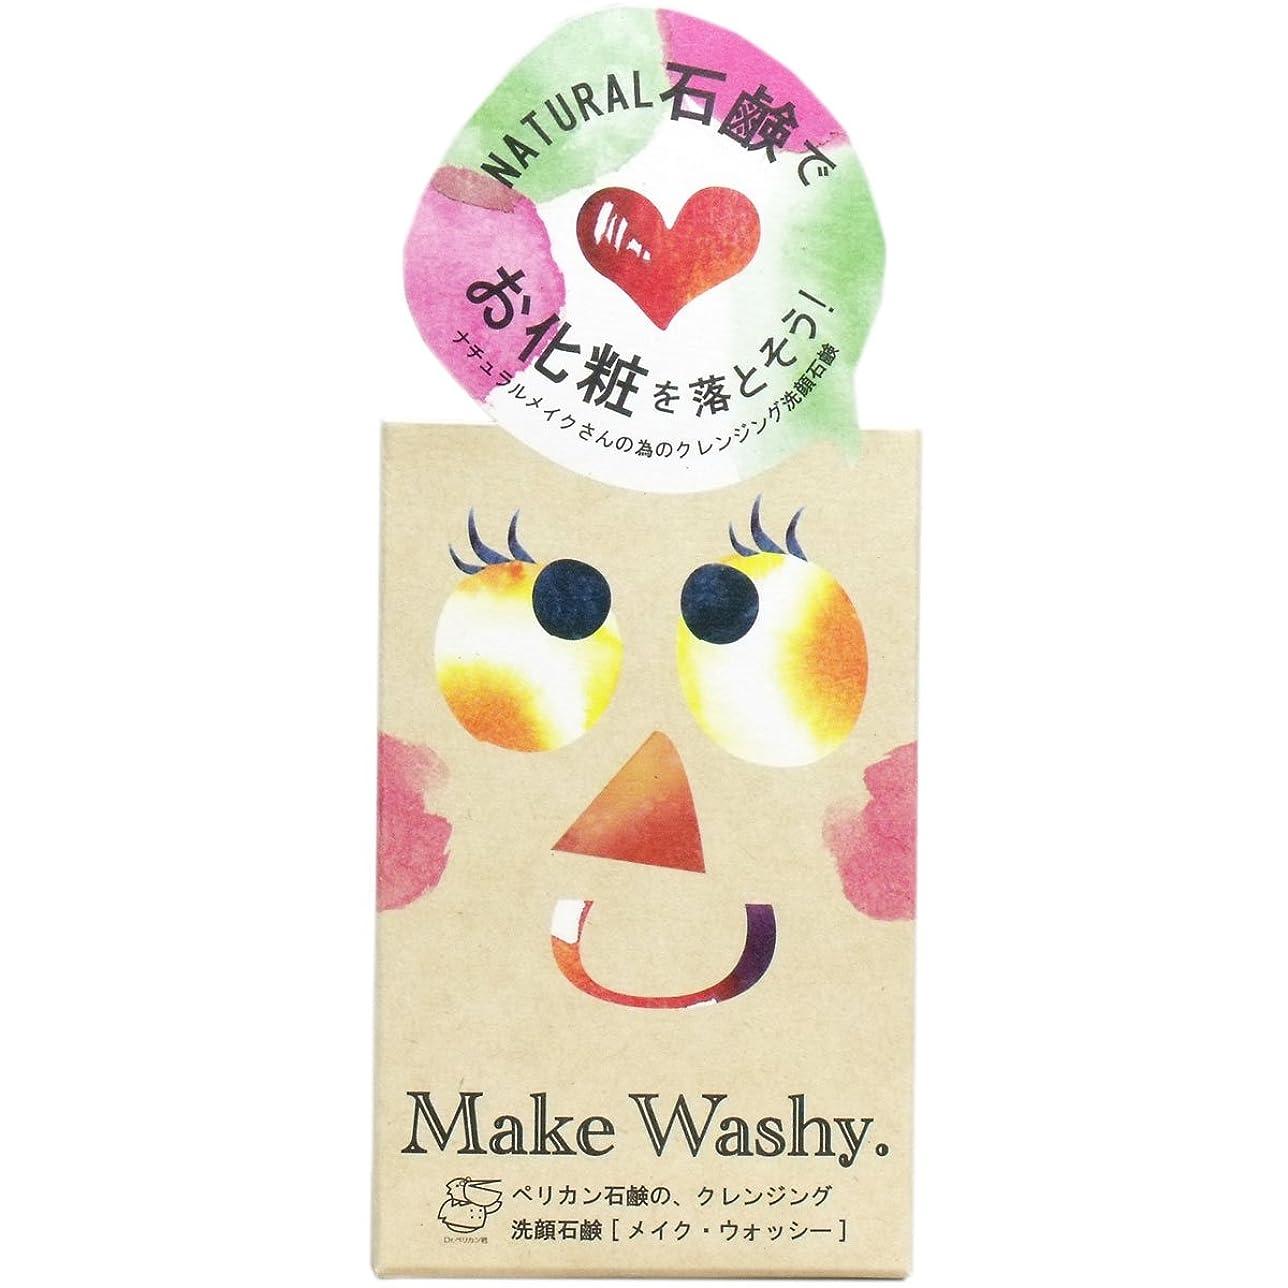 フェローシップ悪化する大陸メイクウォッシー 洗顔石鹸 × 5個セット